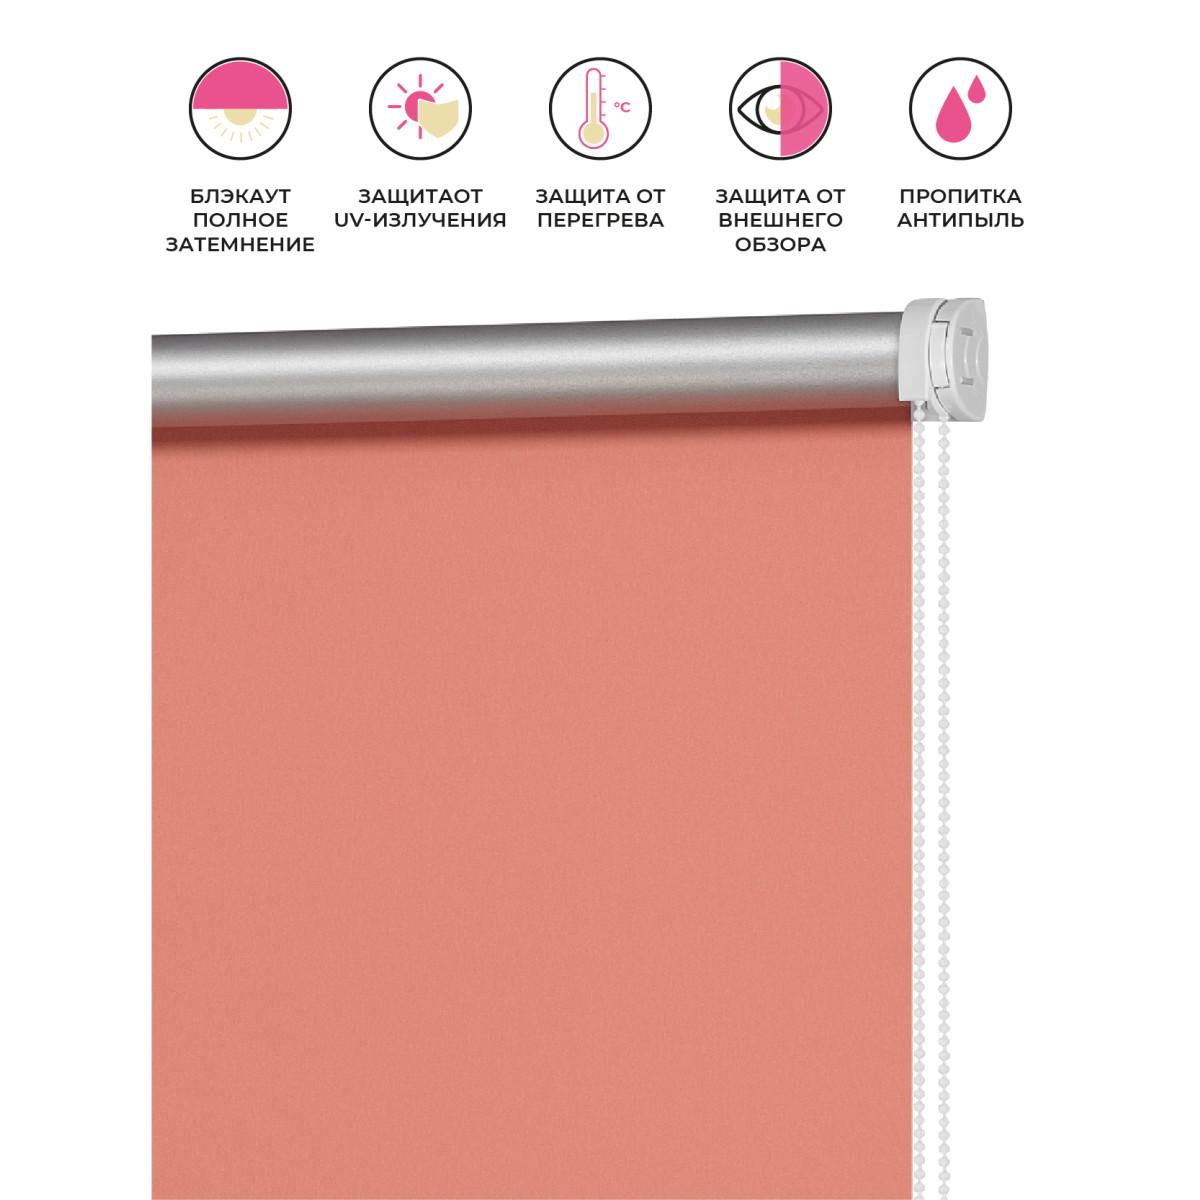 Рулонная Ора Decofest Блэкаут Плайн 40Х160 Цвет Красный